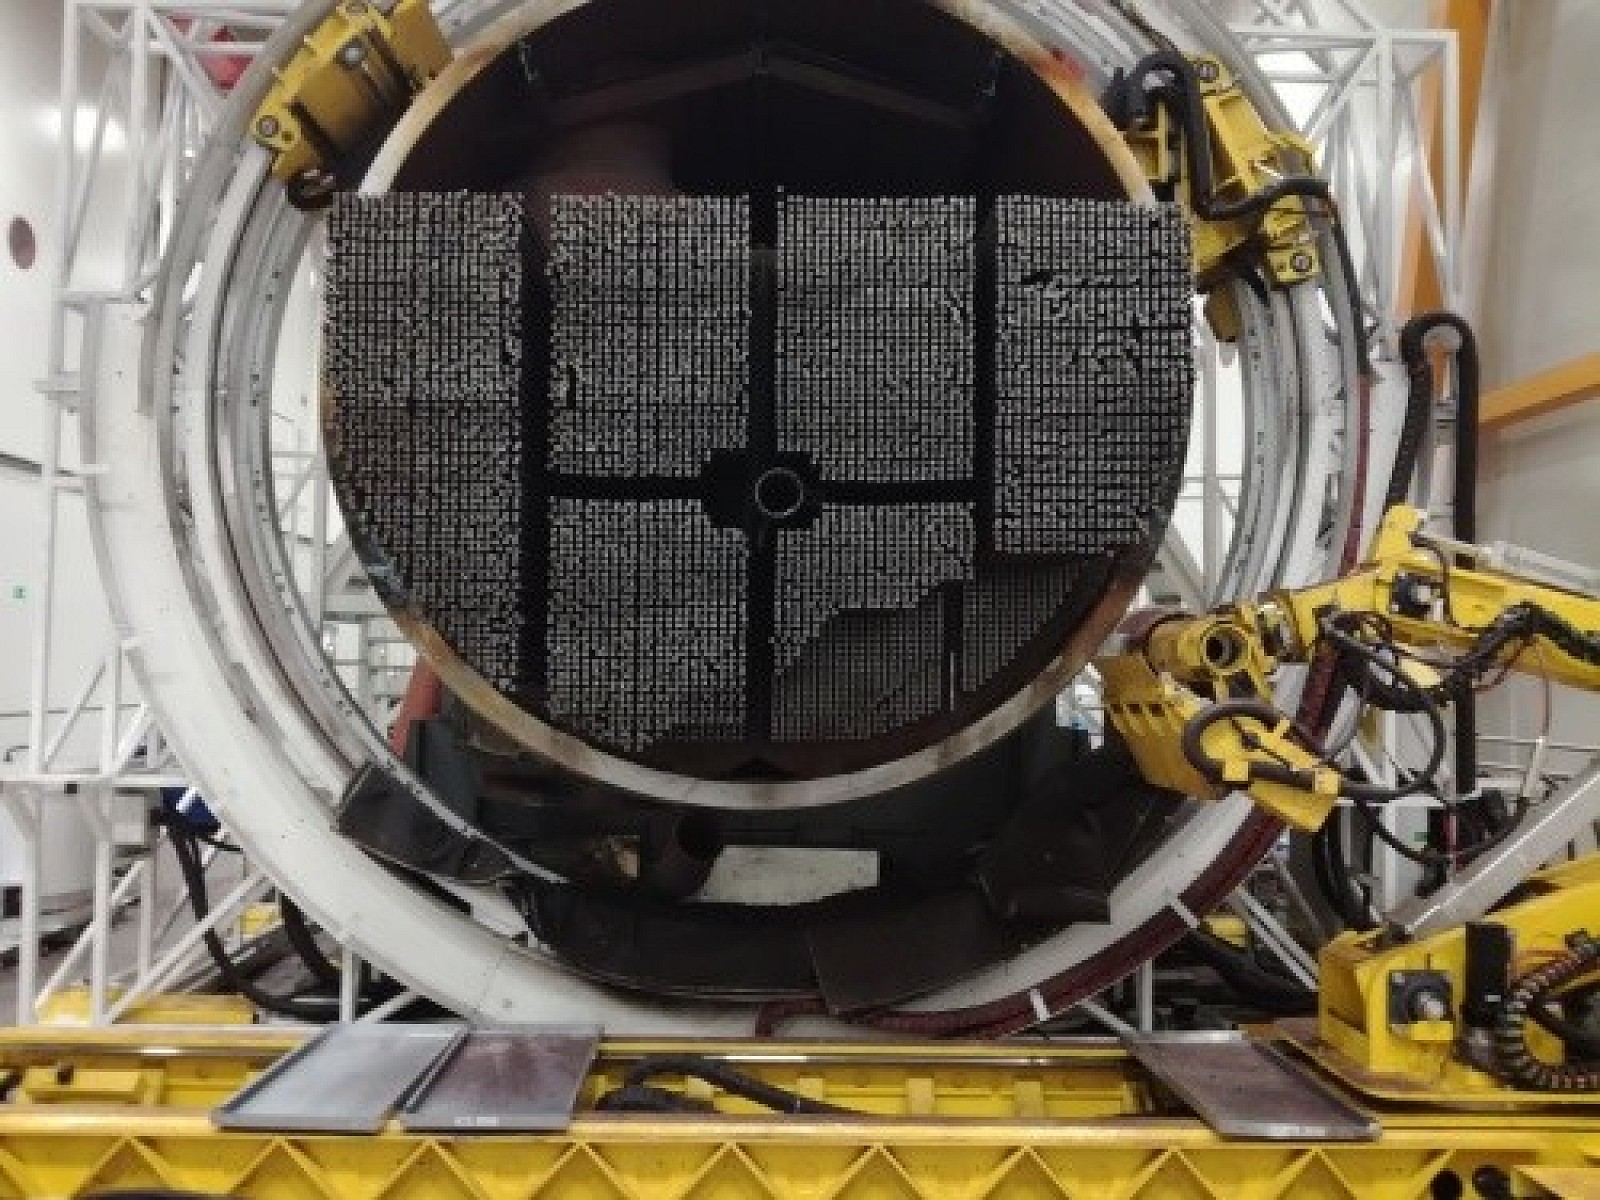 Hospodárske noviny o úspechu VUJE: Z jadrovej elektrárne V1 bolo dekontaminovaných už 1000 ton kovov